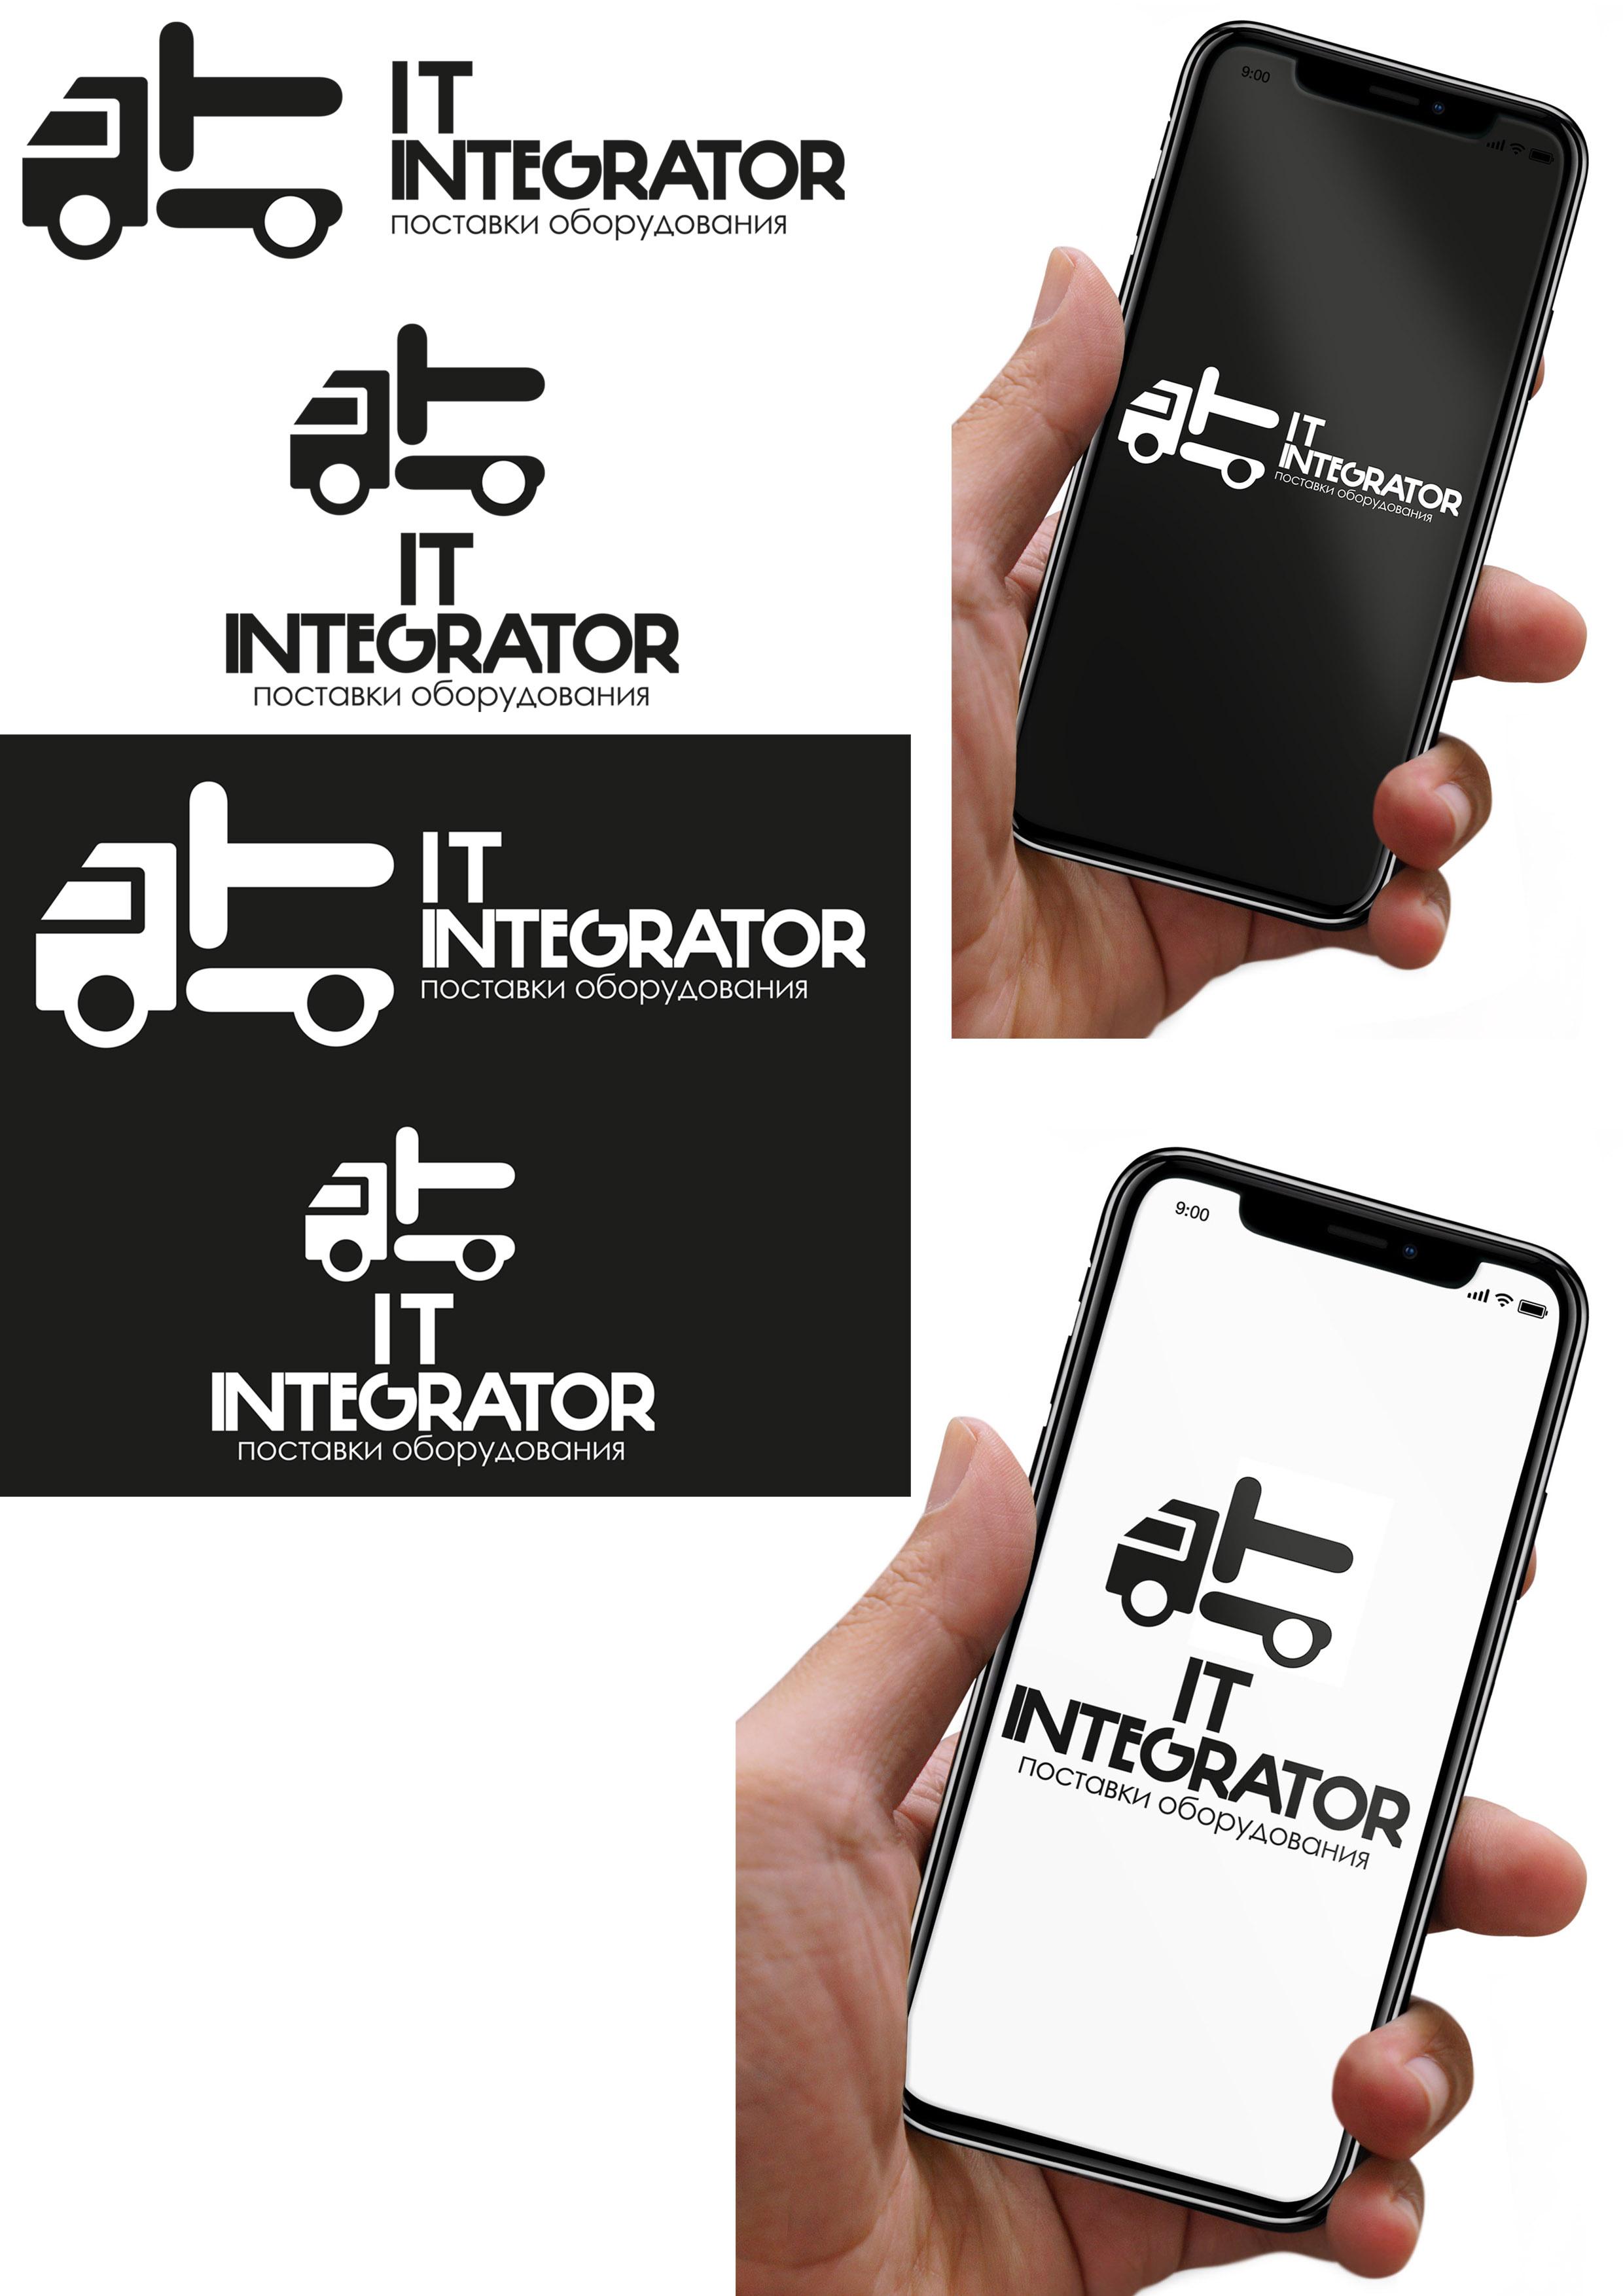 Логотип для IT интегратора фото f_409614b791a333a7.jpg